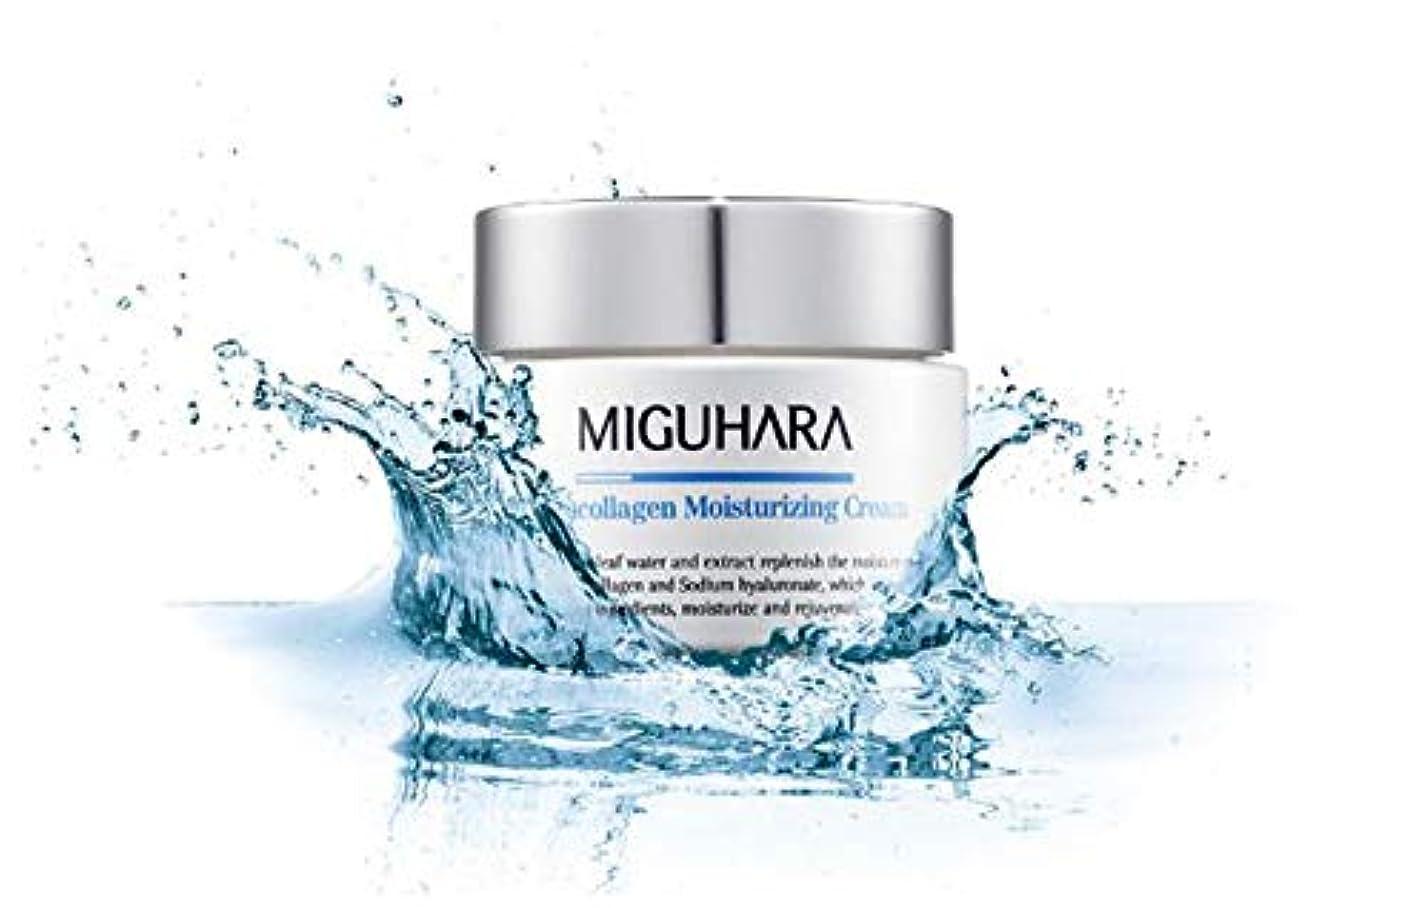 スーダン悪性のレンジMIGUHARA Hyalucollagen Moisturizing Cream 50ml/ヒアルロンコラーゲンモイスチャーライジングクリーム50ml